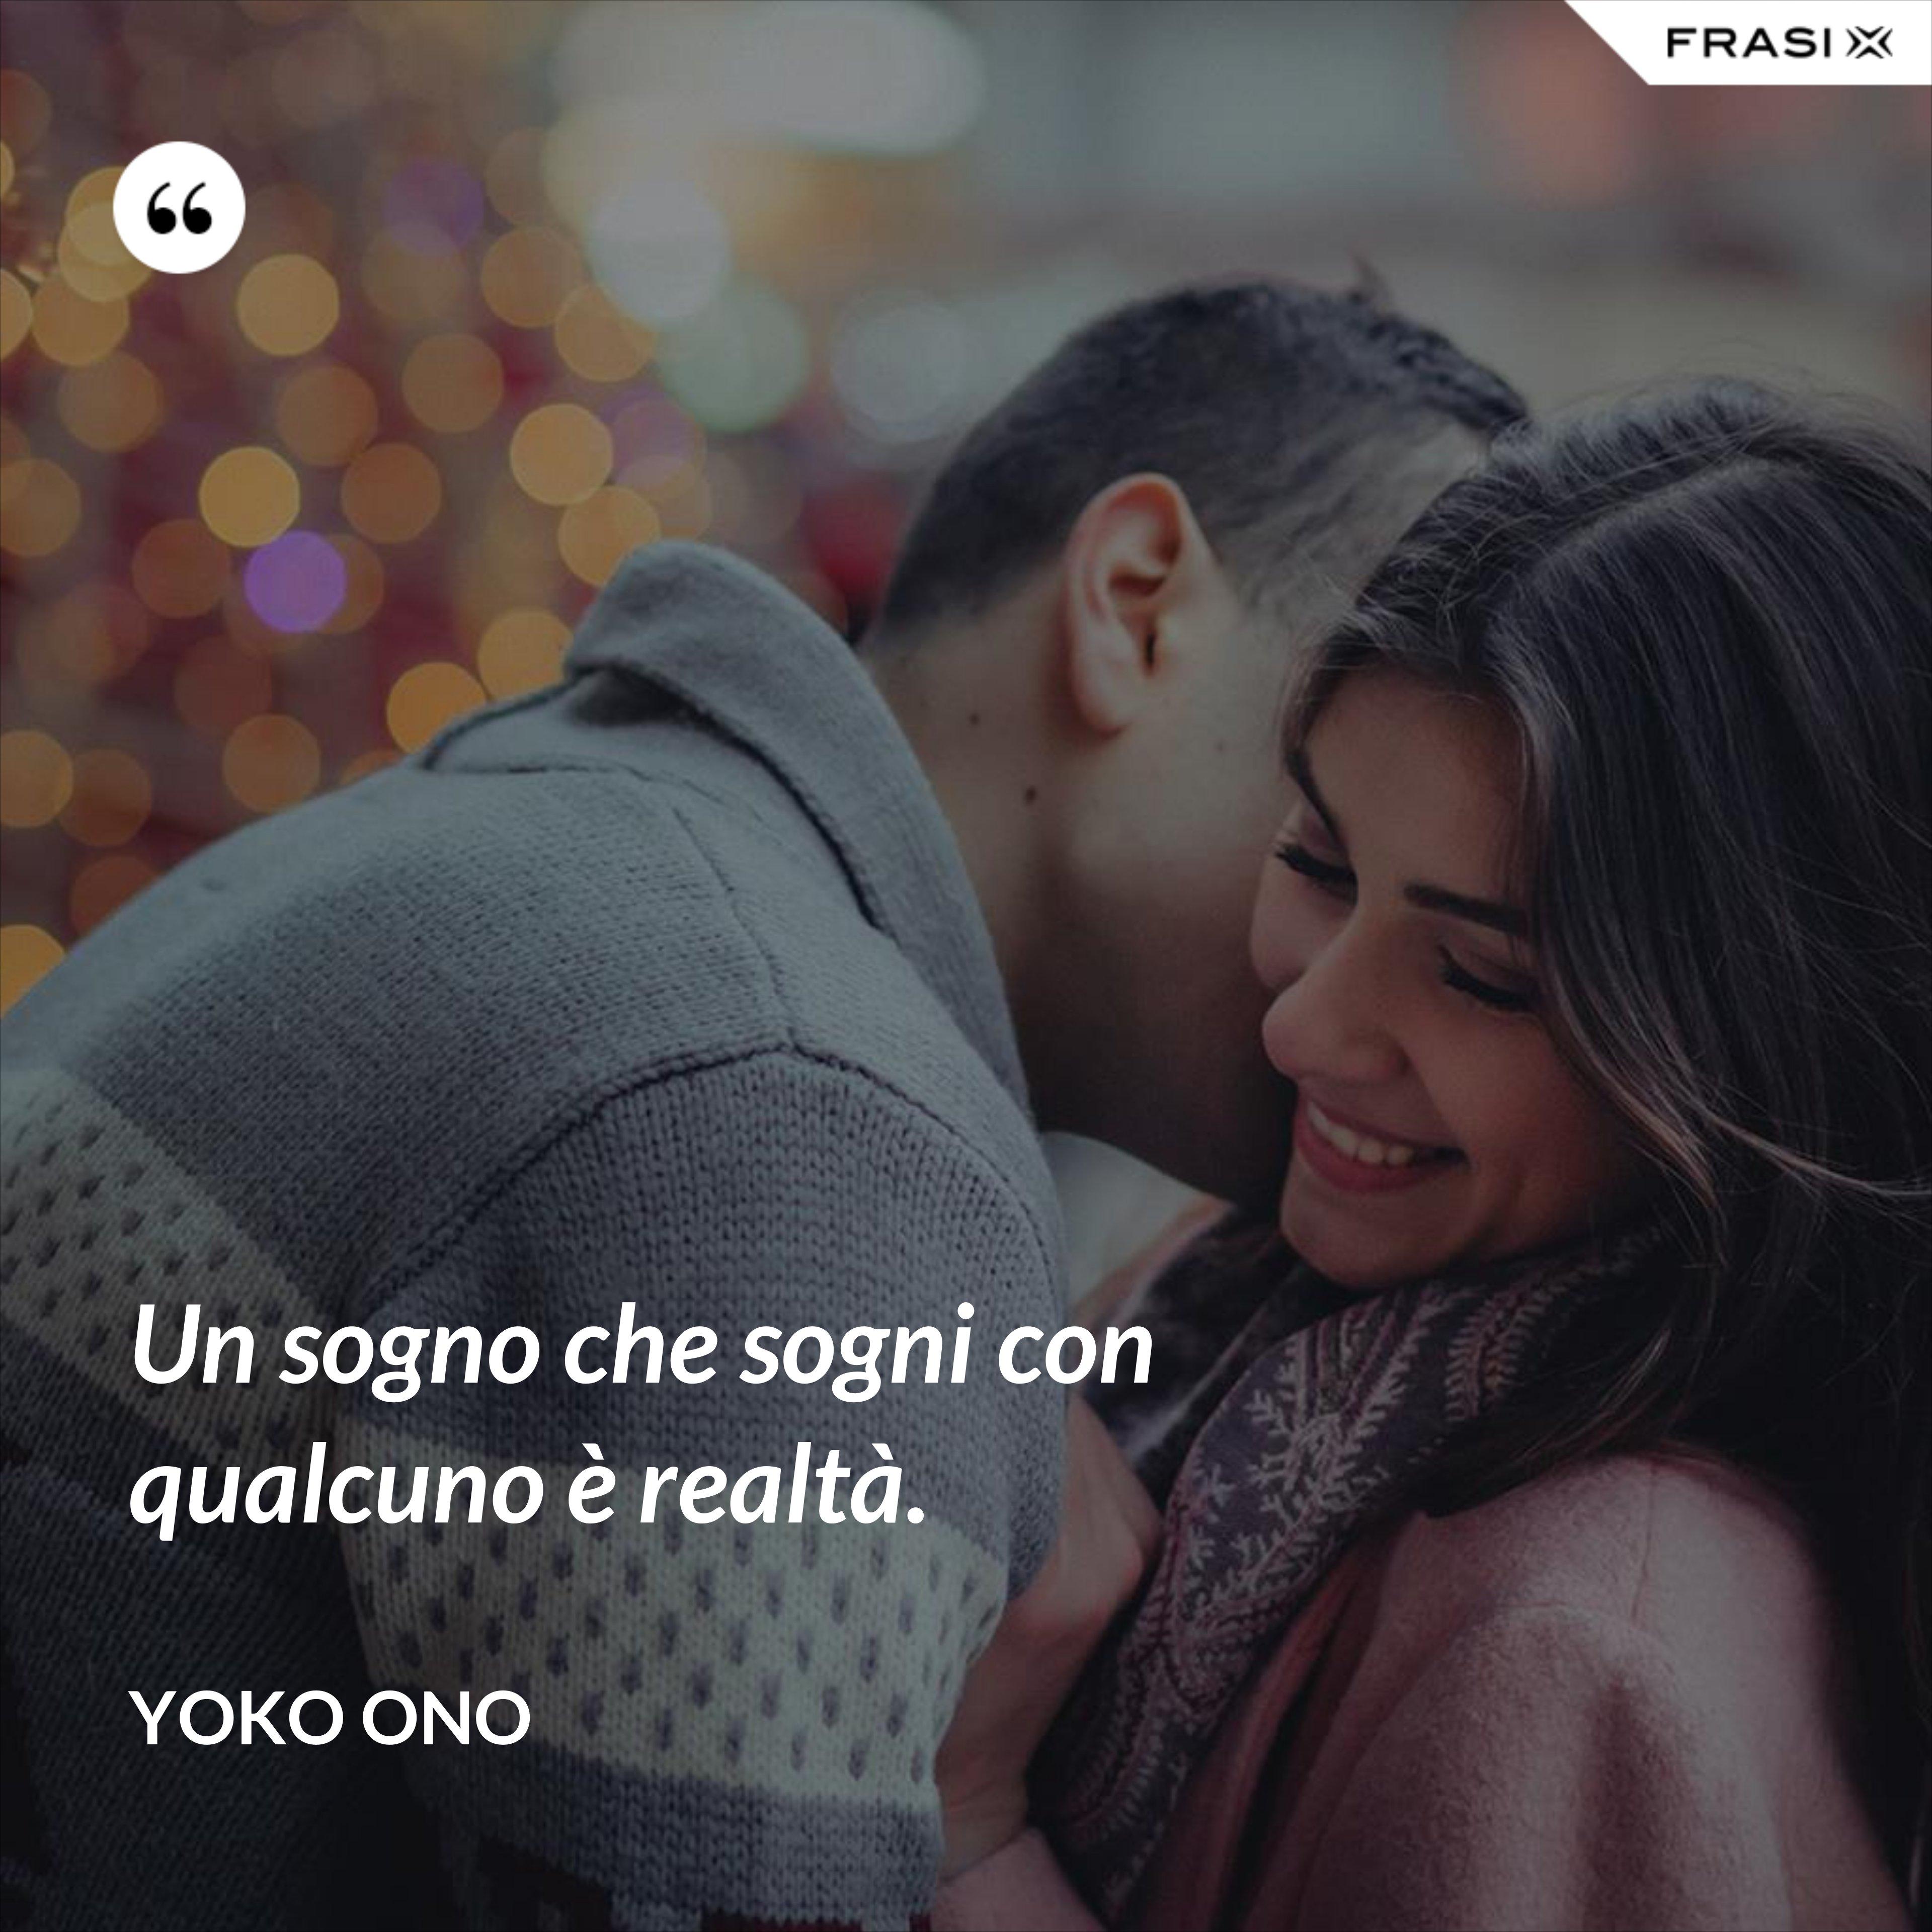 Un sogno che sogni con qualcuno è realtà. - Yoko Ono